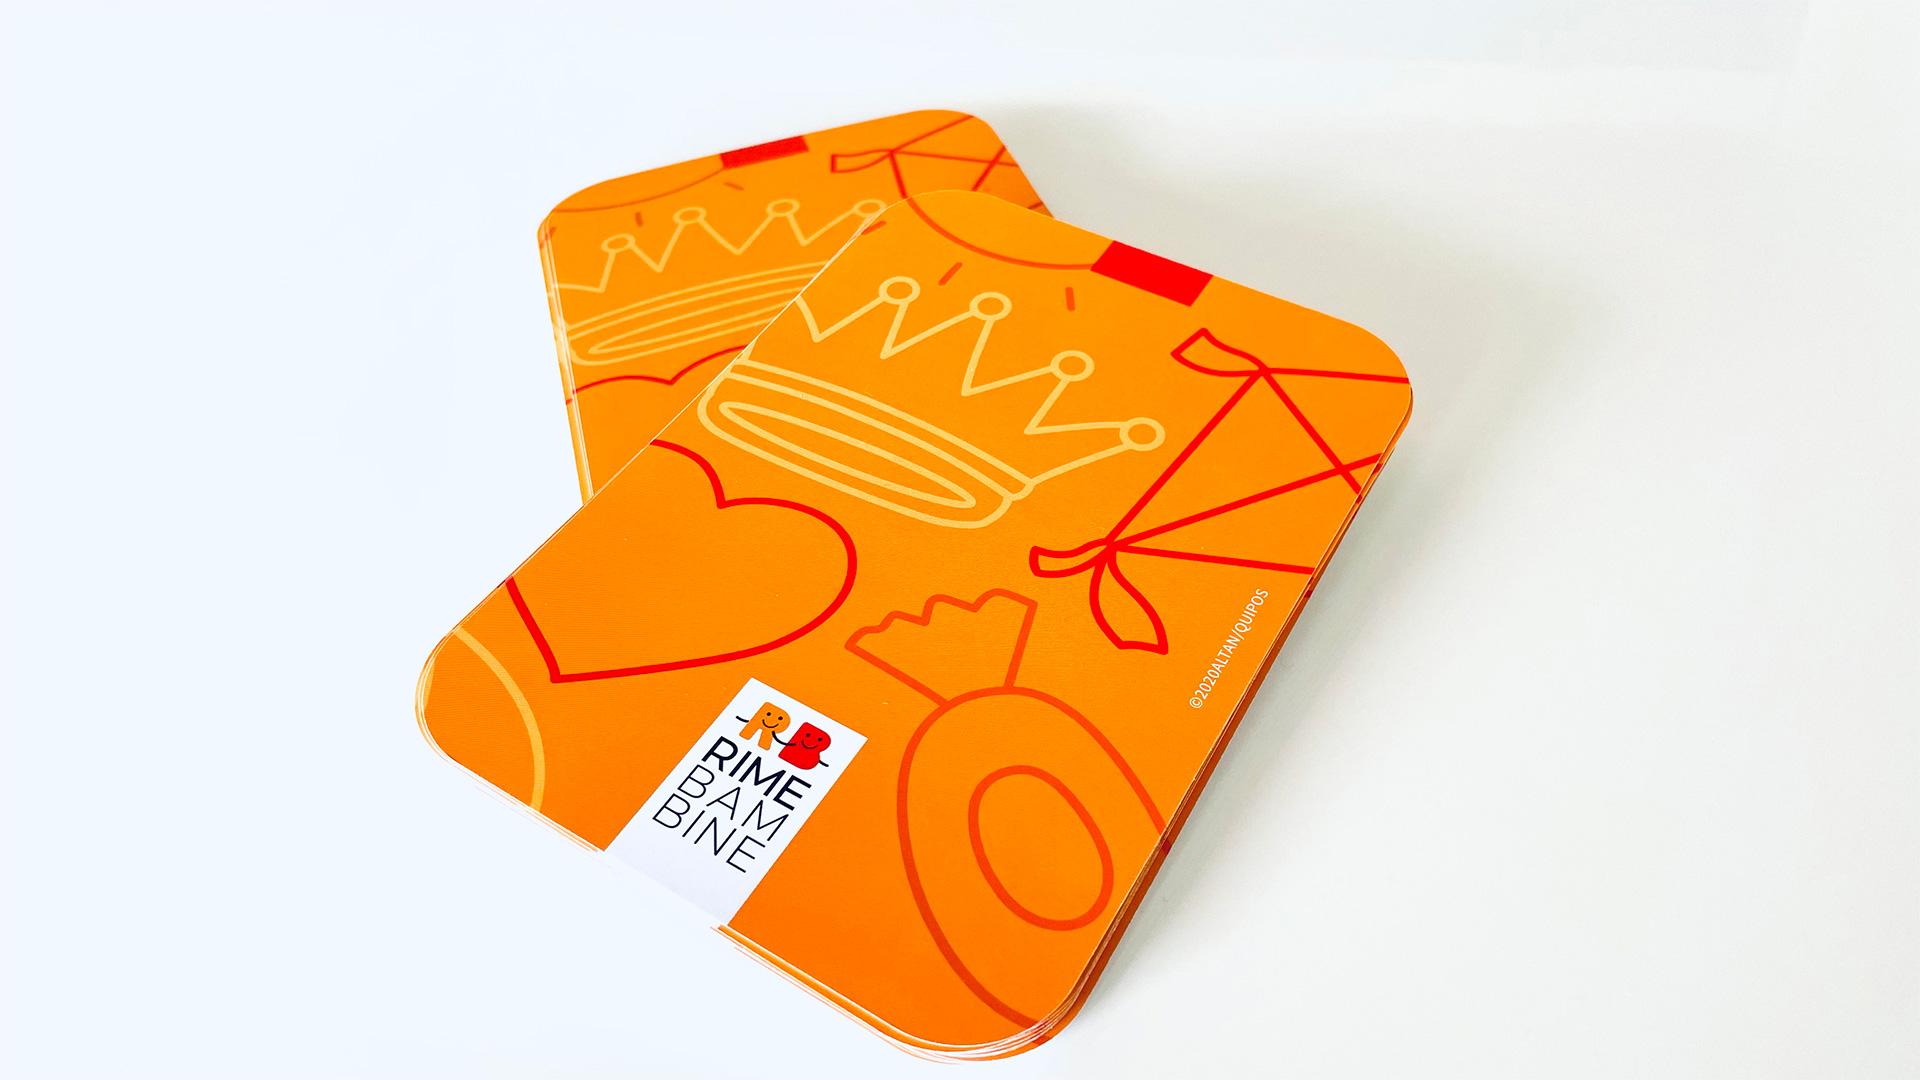 Retro dei mazzi delle carte da gioco per bambini con illustrazioni di Altan